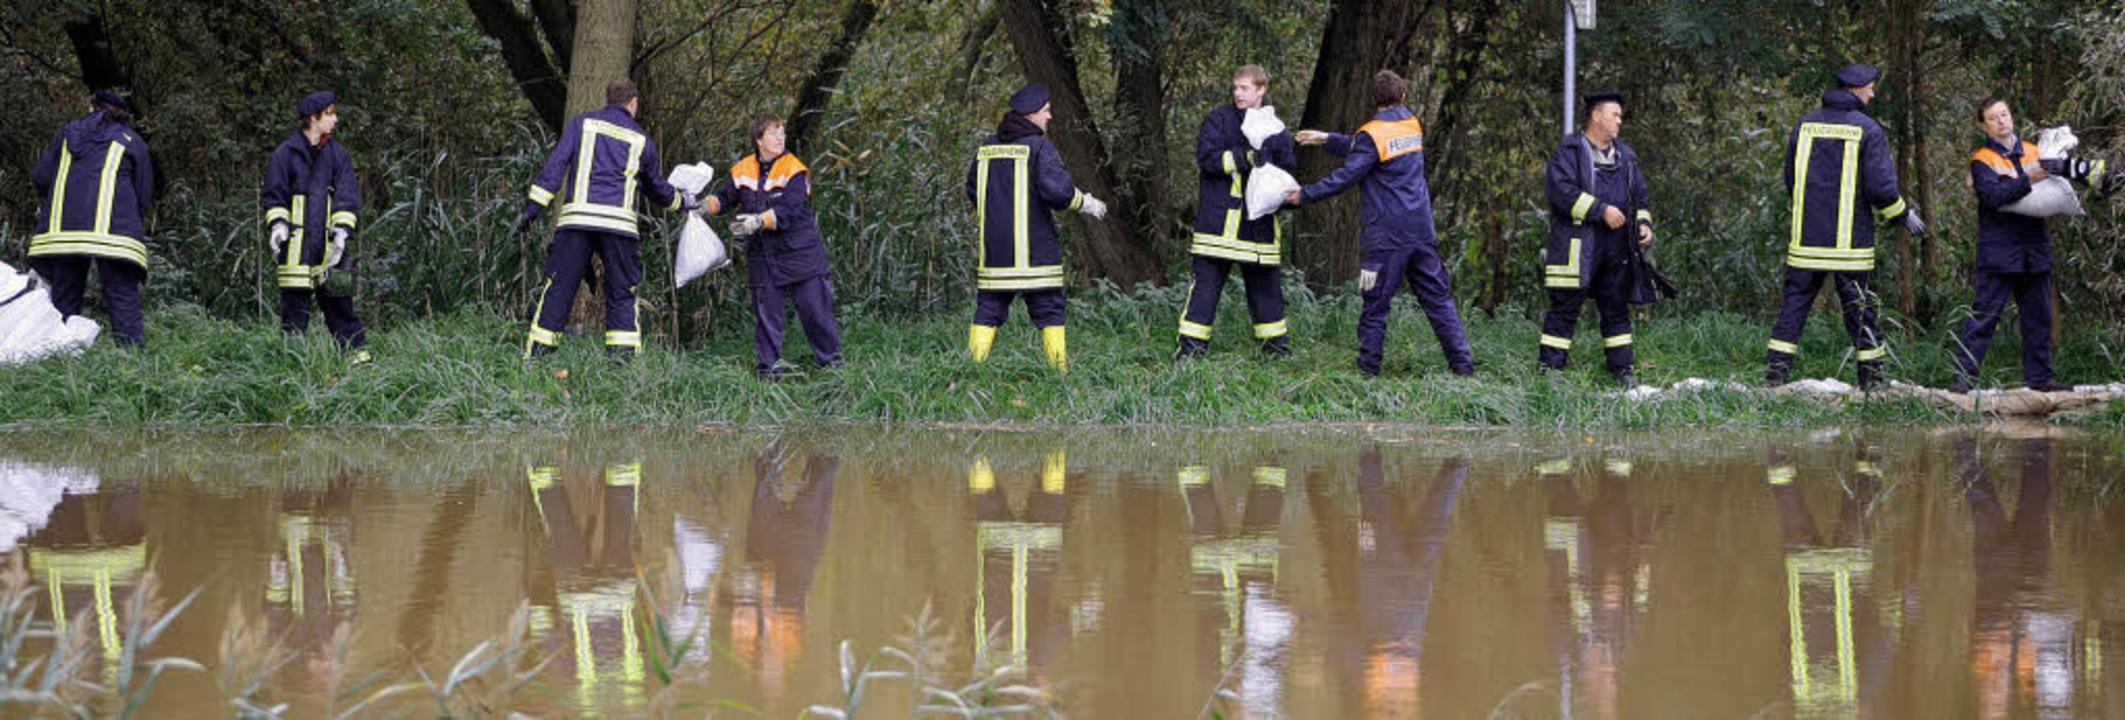 Feuerwehrleute sichern am Mittwochnach...en durchweichten Deich mit Sandsäcken.    Foto: dpa